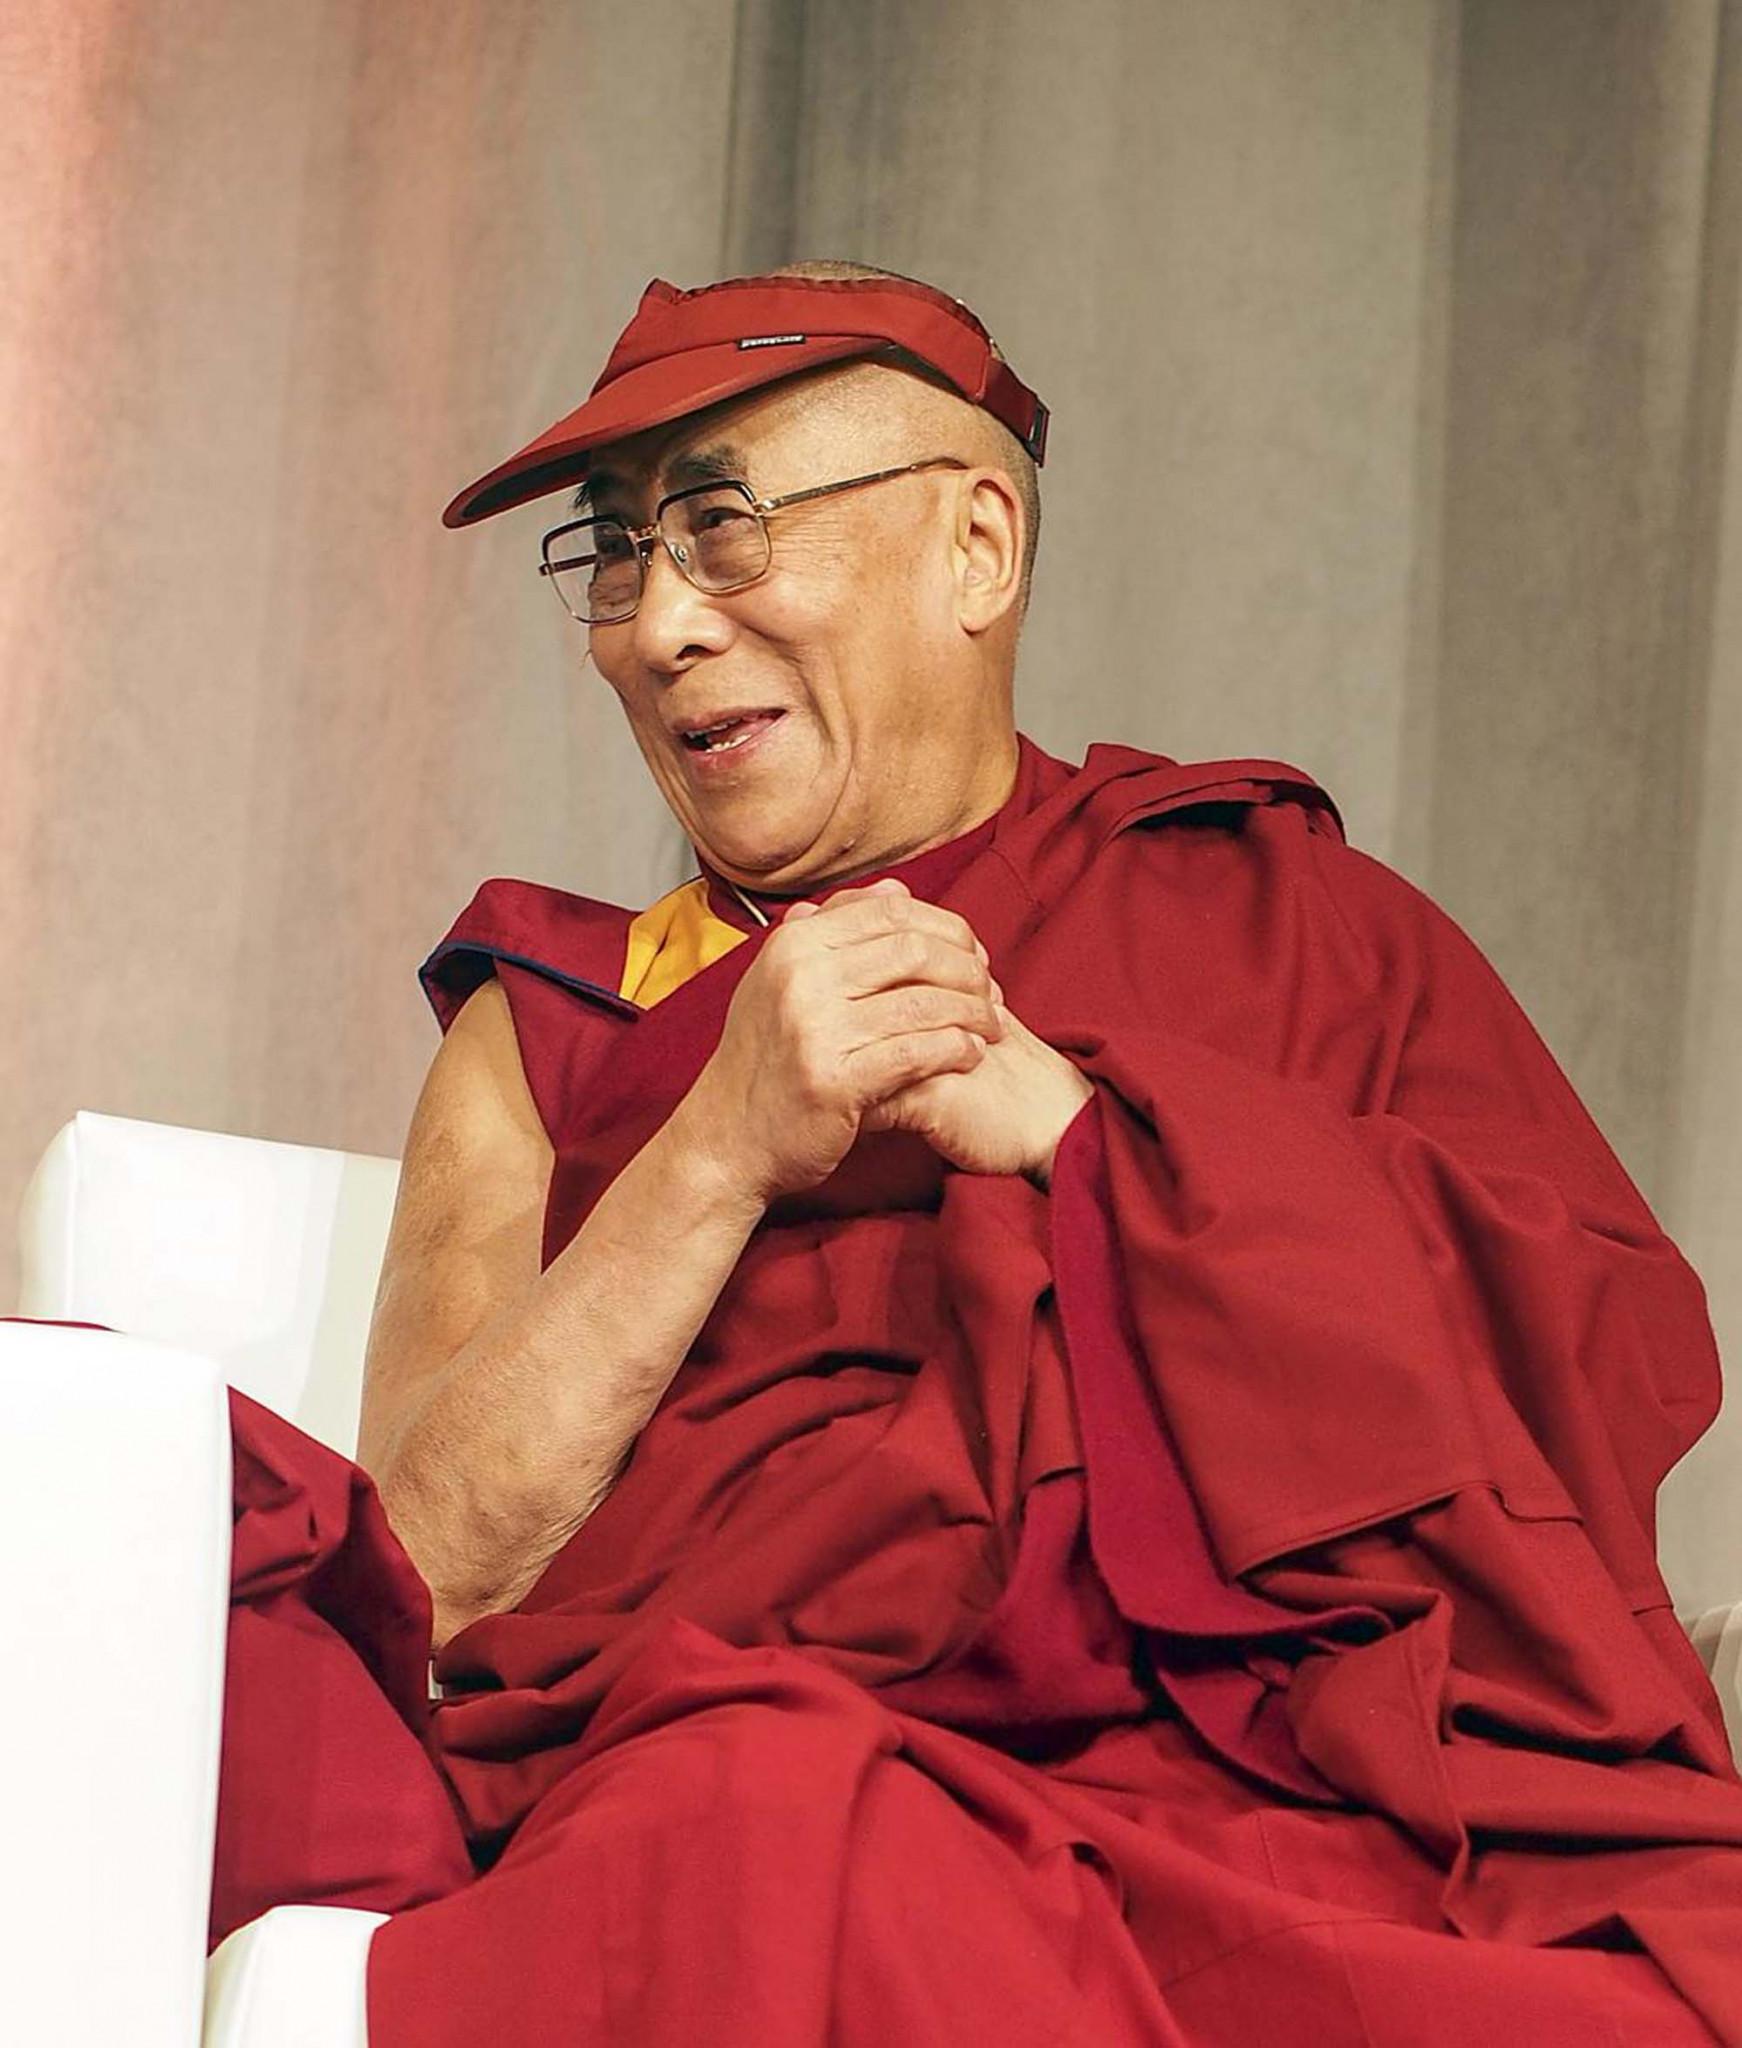 The 14th Dalai Lama Tenzin Gyatso